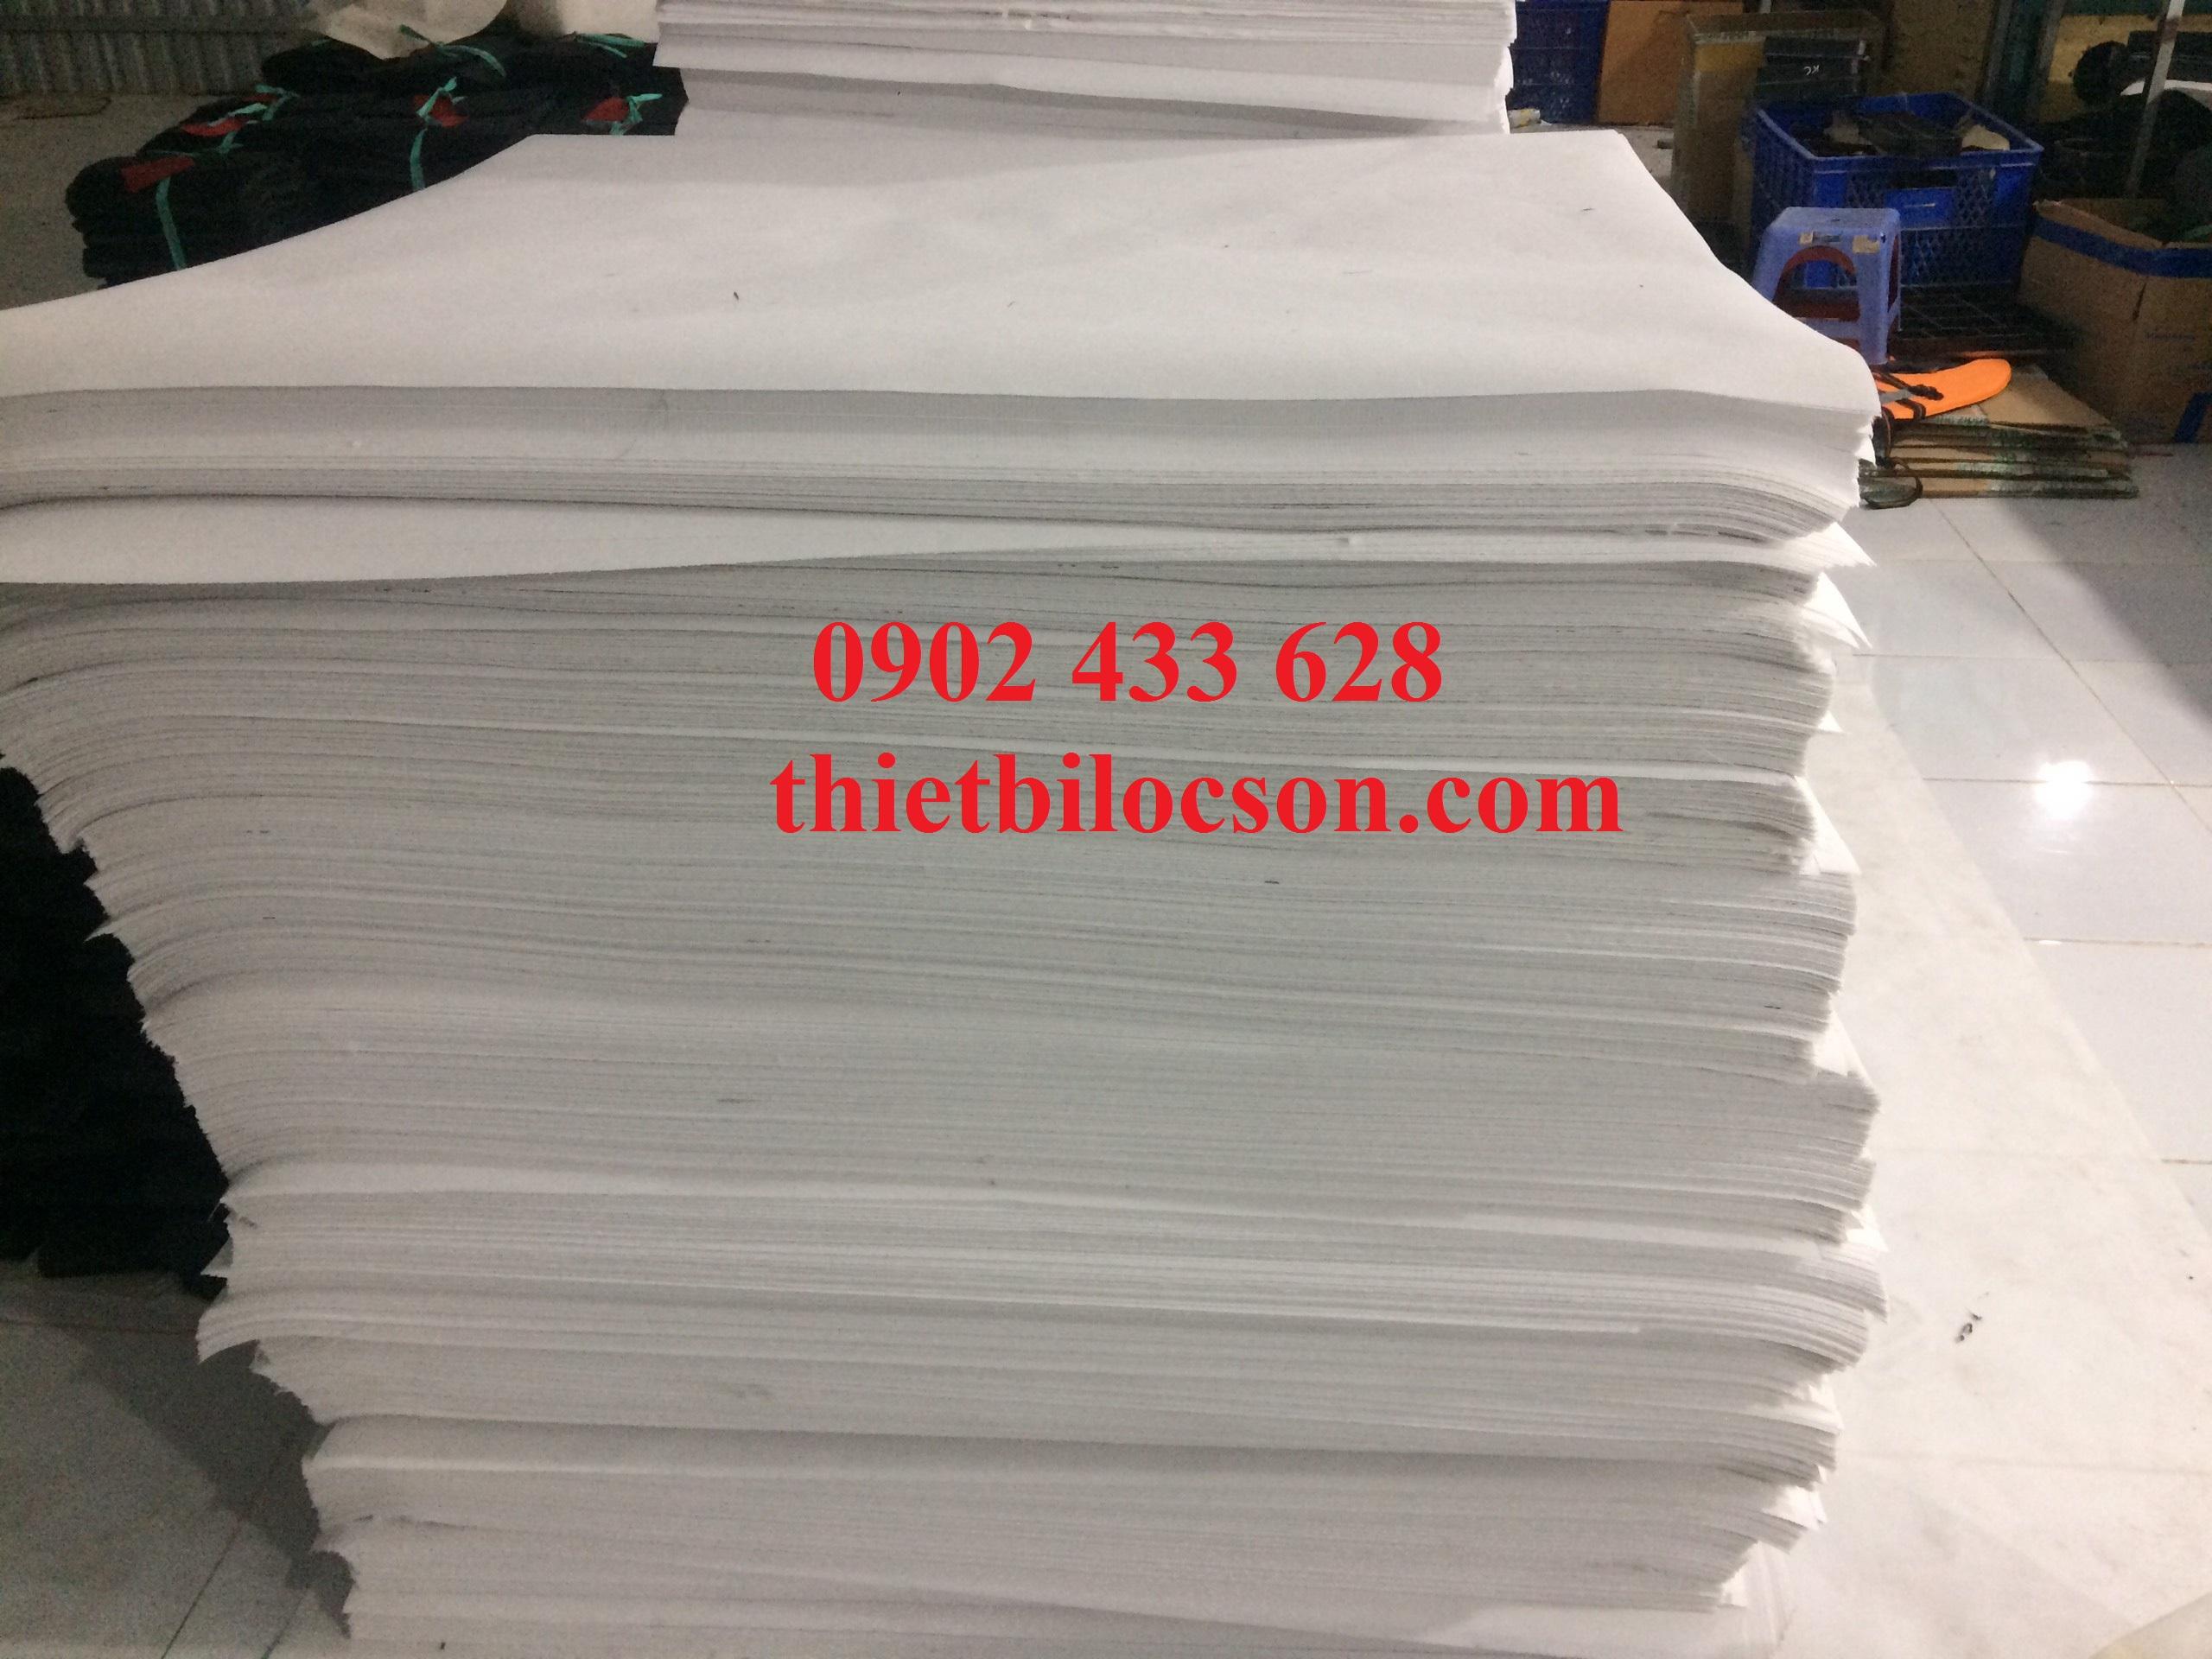 Giấy lọc trơn định lượng 70g cắt tấm theo yêu cầu